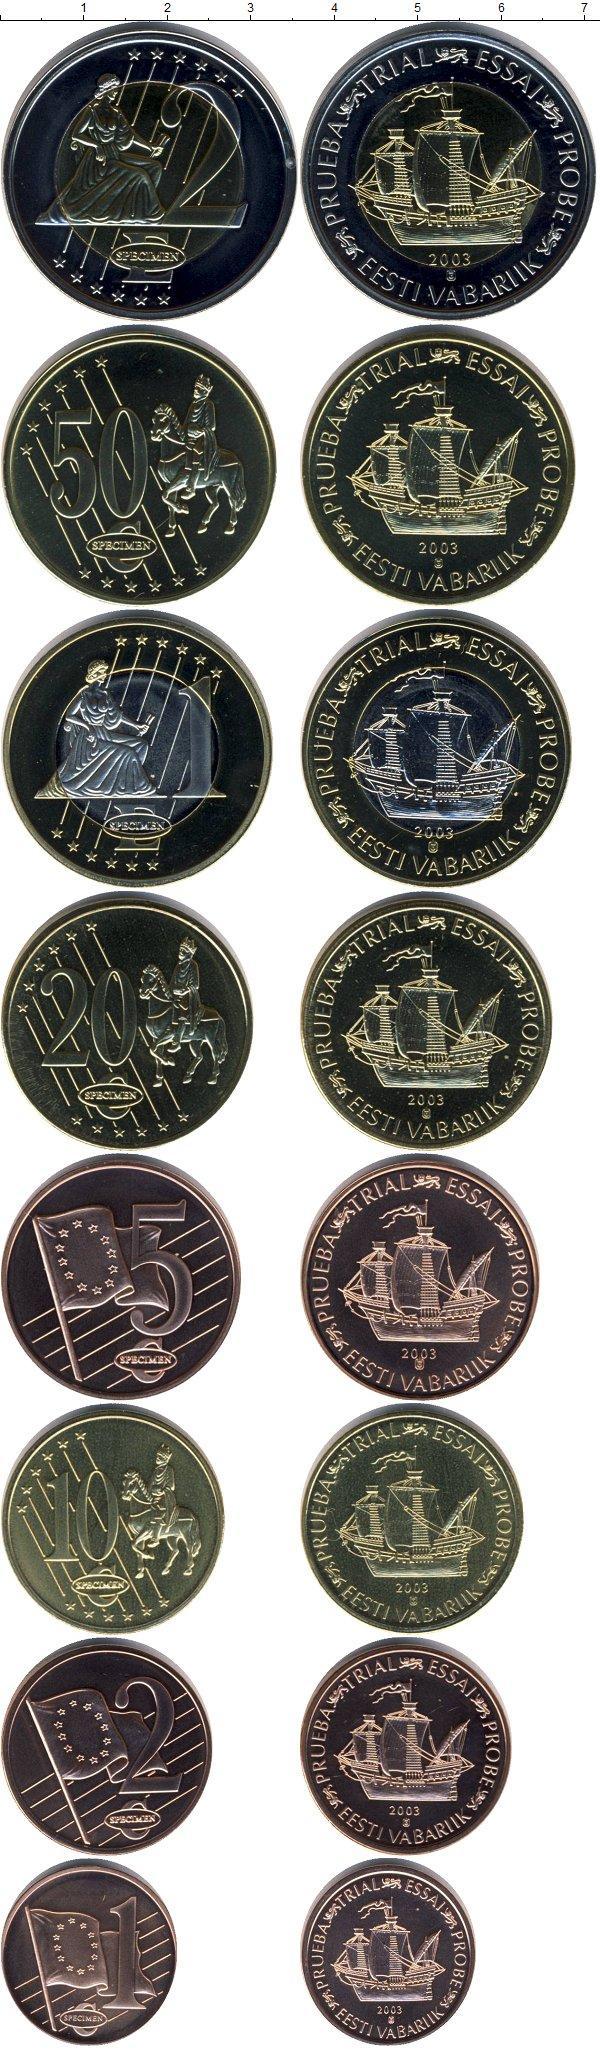 Каталог монет - Эстония Евро-модель